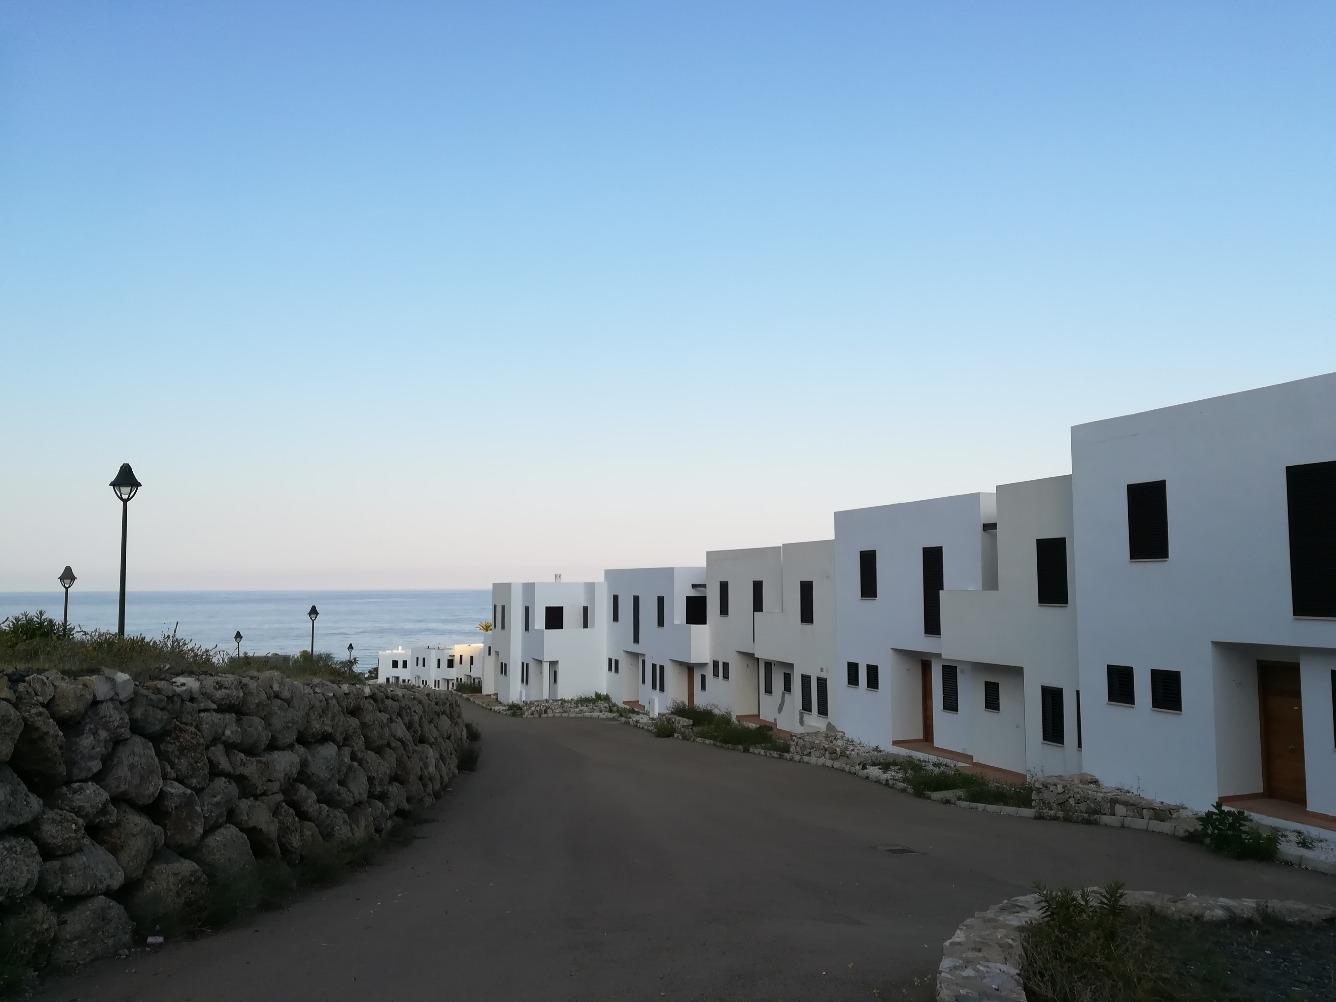 Las Villas de Macenas